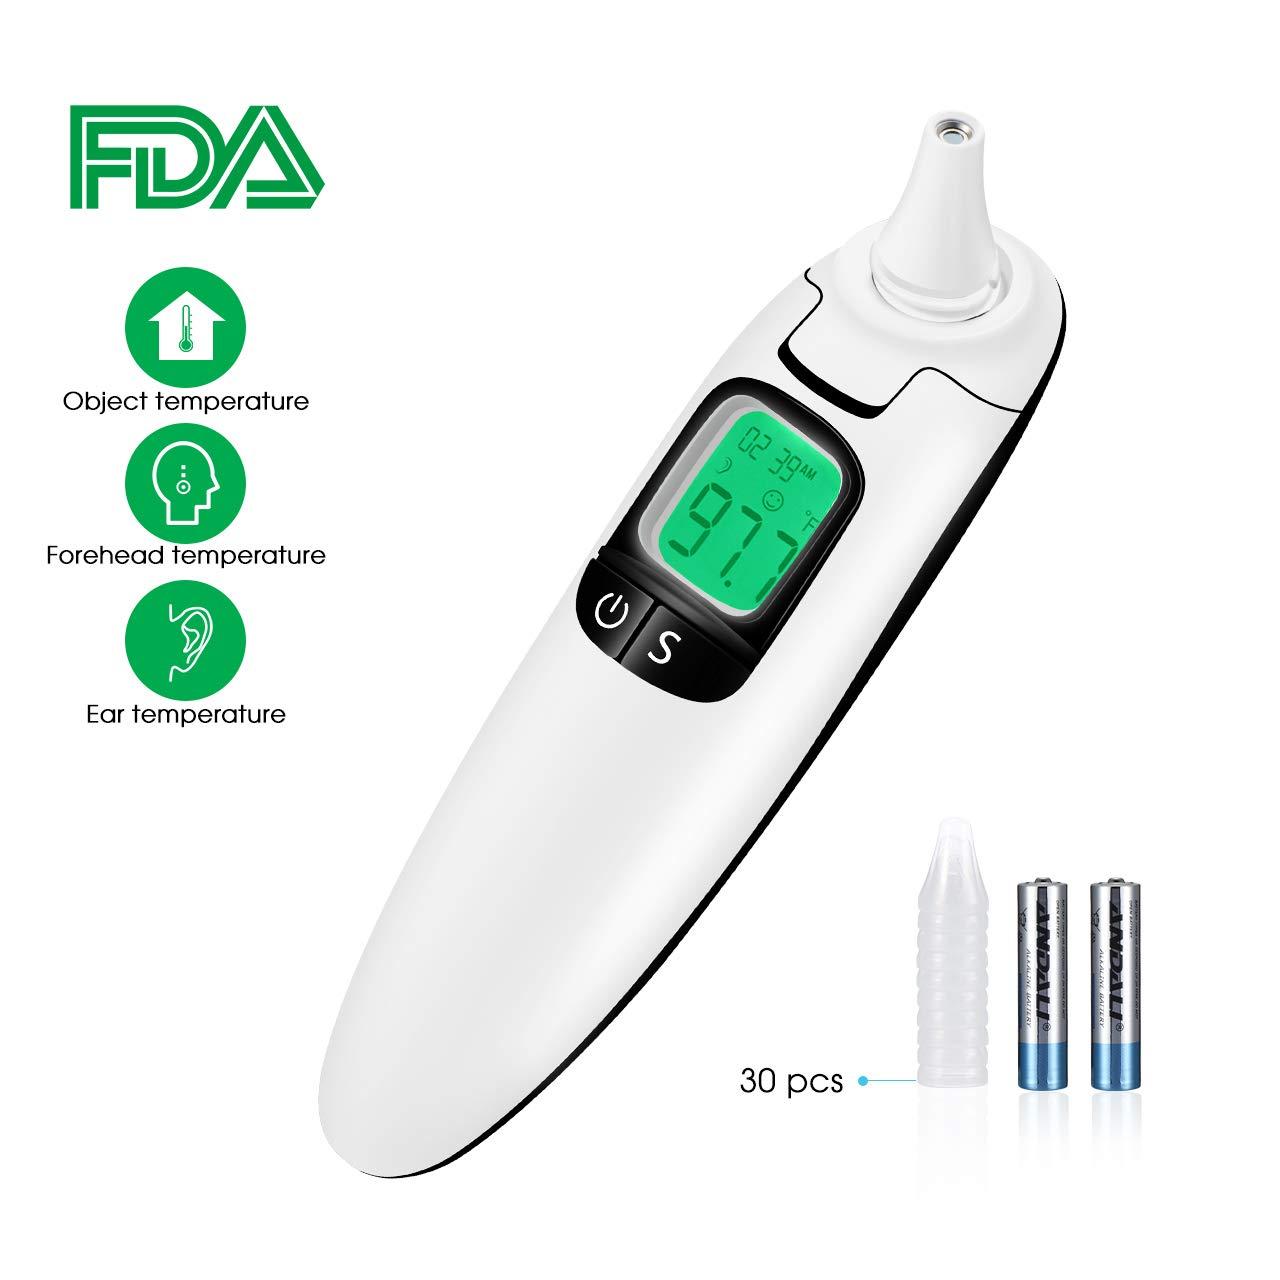 TOPELEK Termómetro Infrarrojo para Frente y Orejas,CE,FDA,RoHS,Lecturas Rápidas